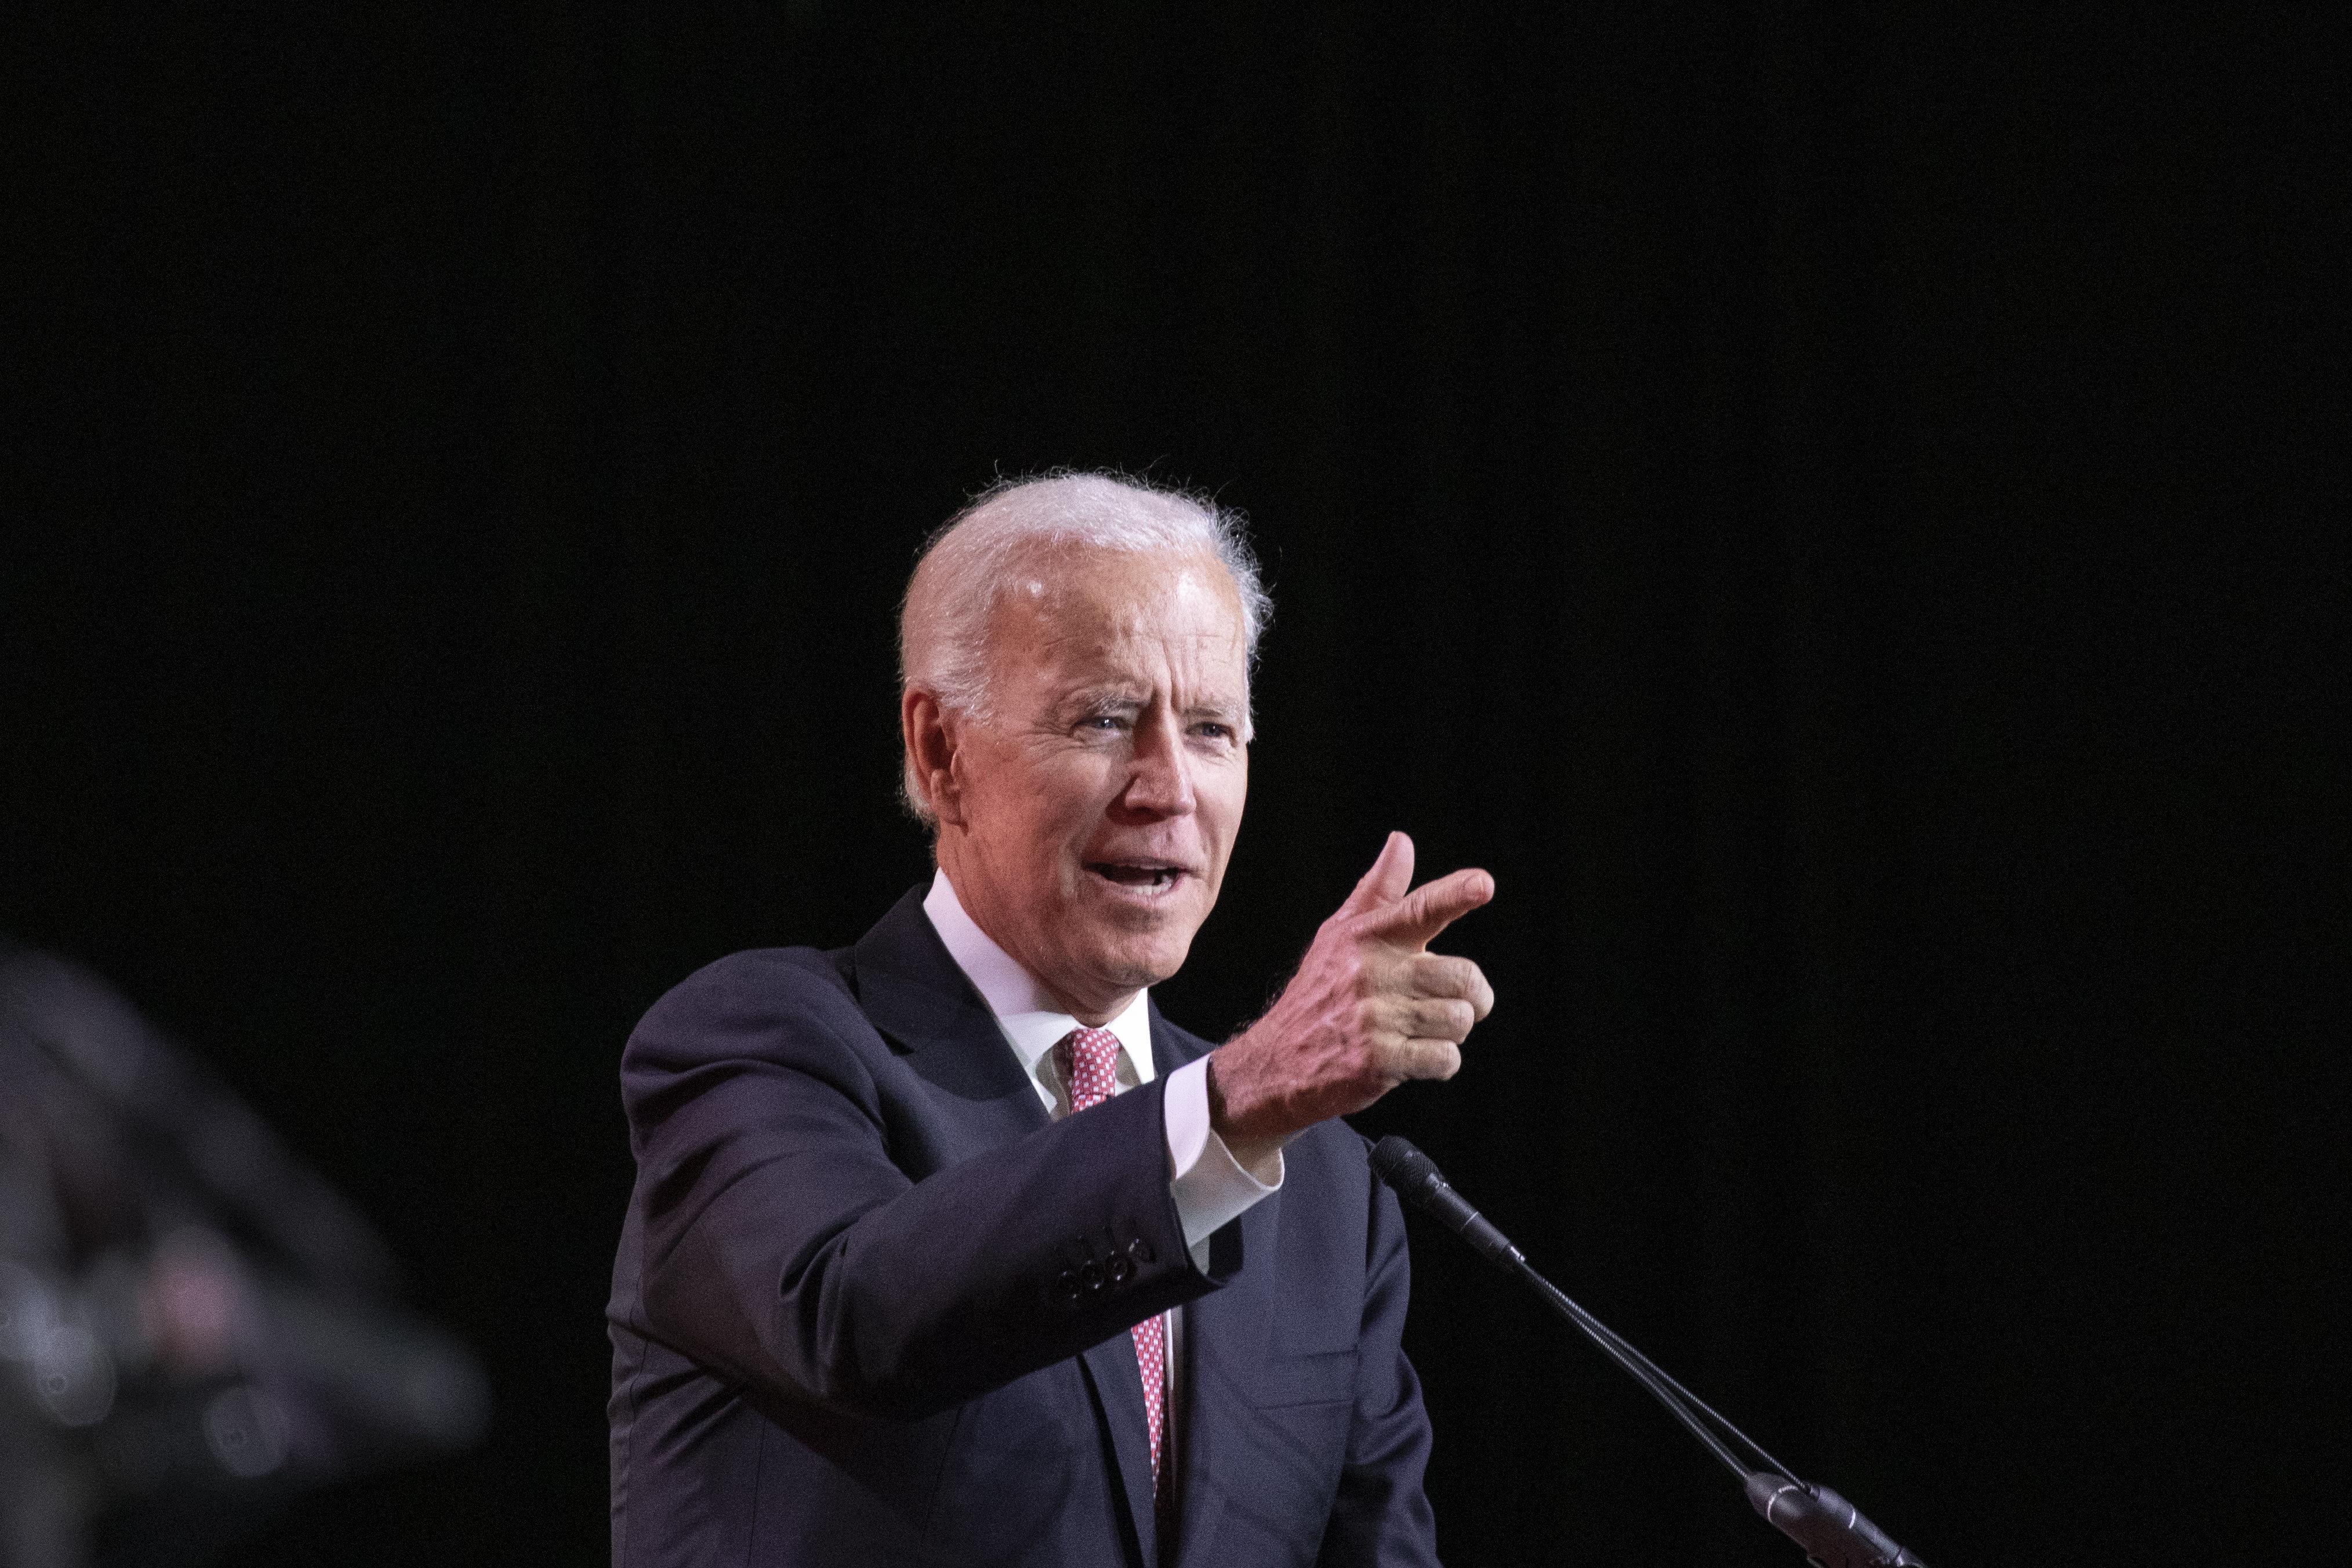 7 Reasons Progressives May Want To Avoid A Joe Biden